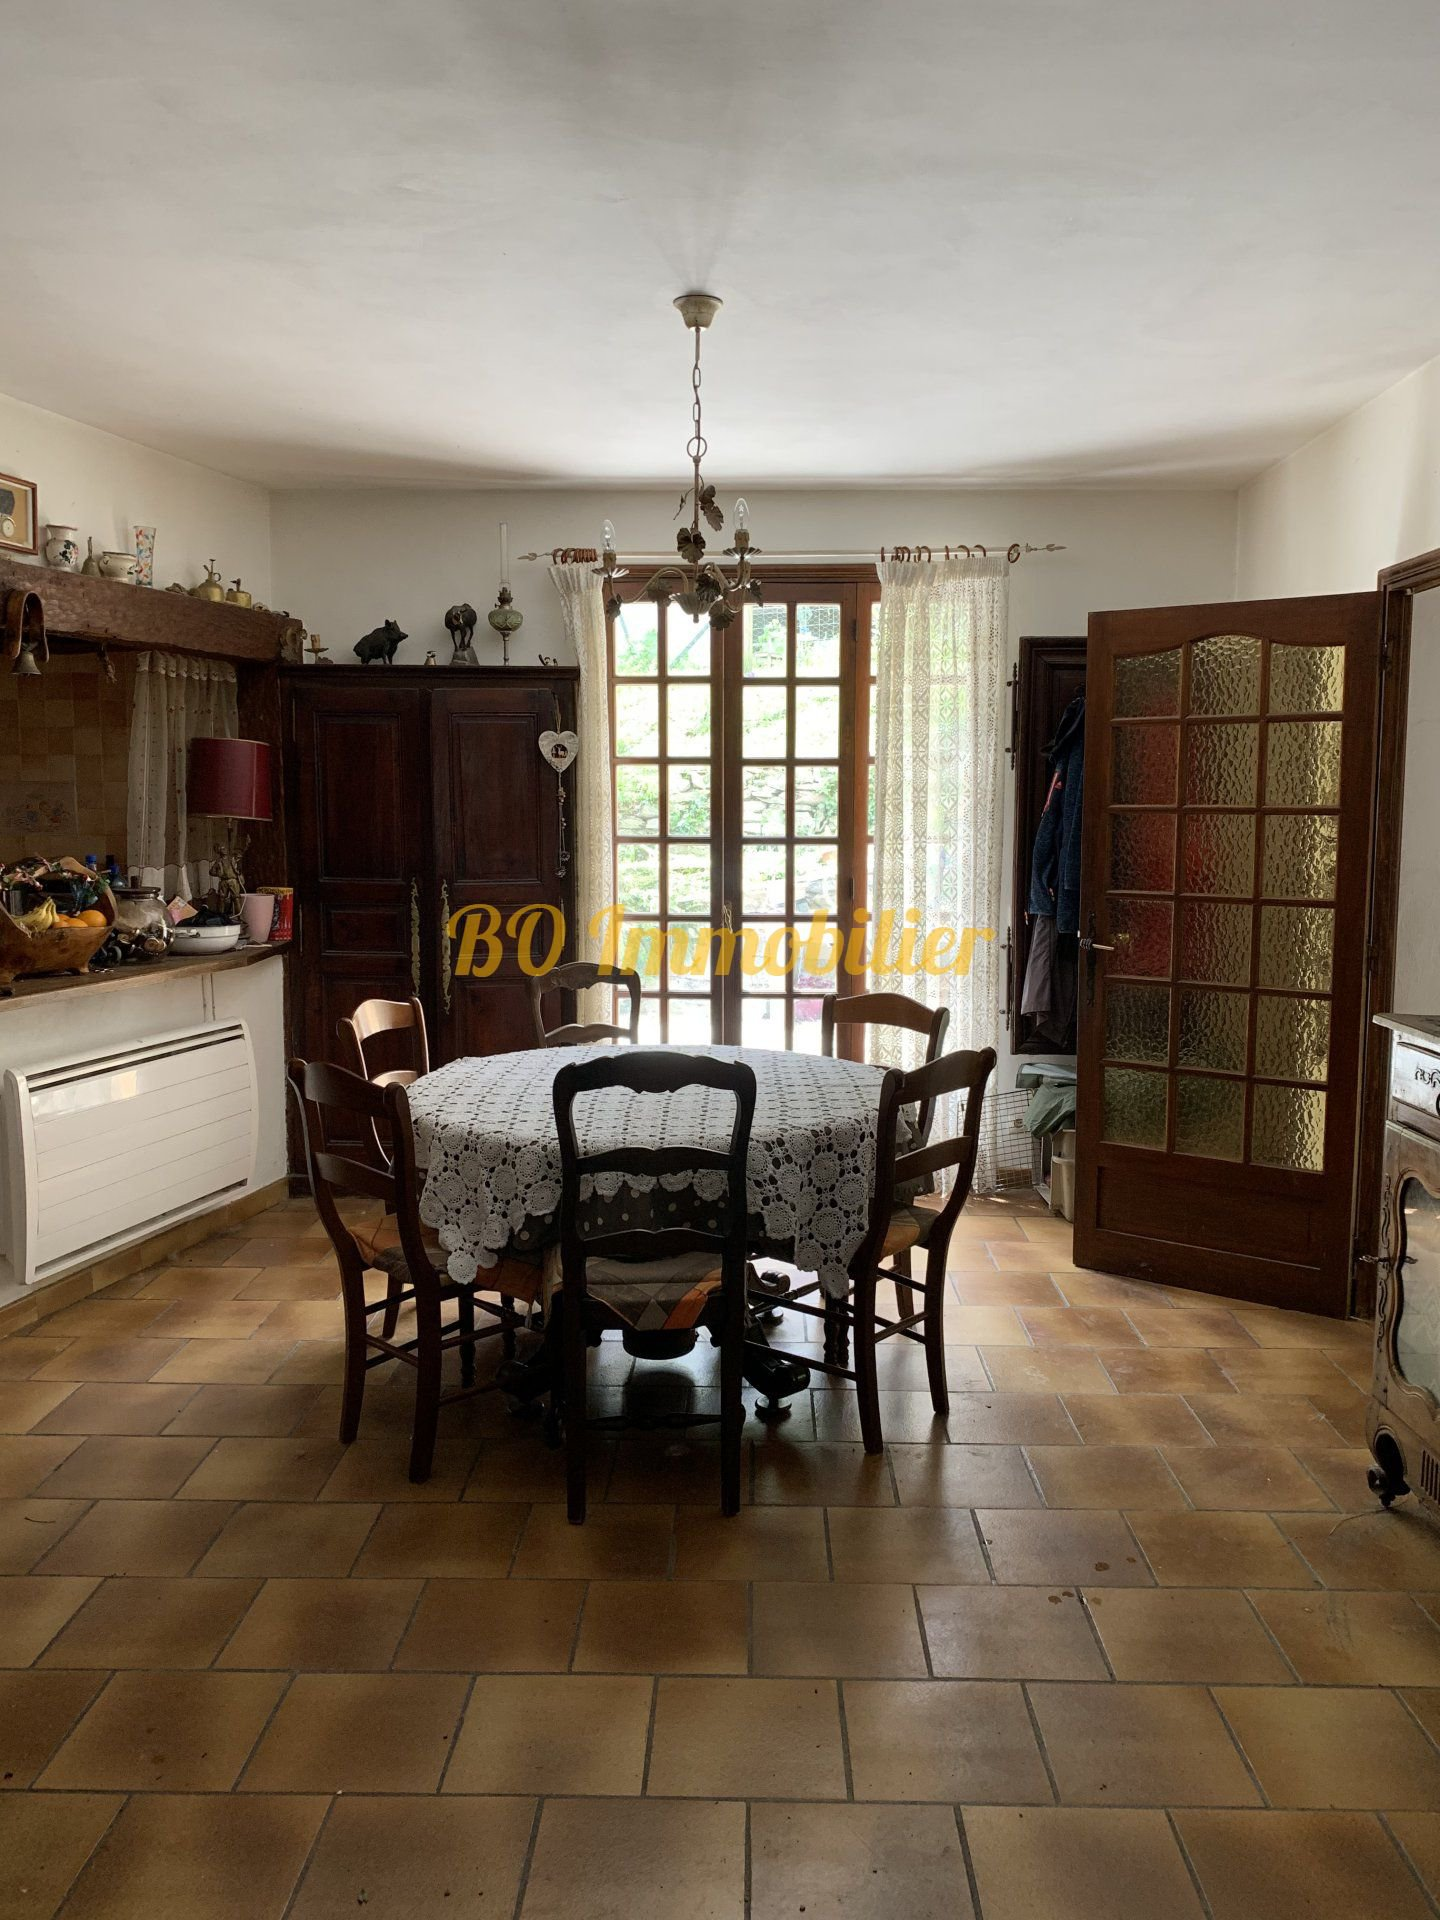 Maison individuelle de 100m² + garage de 100m² + 12000m² de terrain.